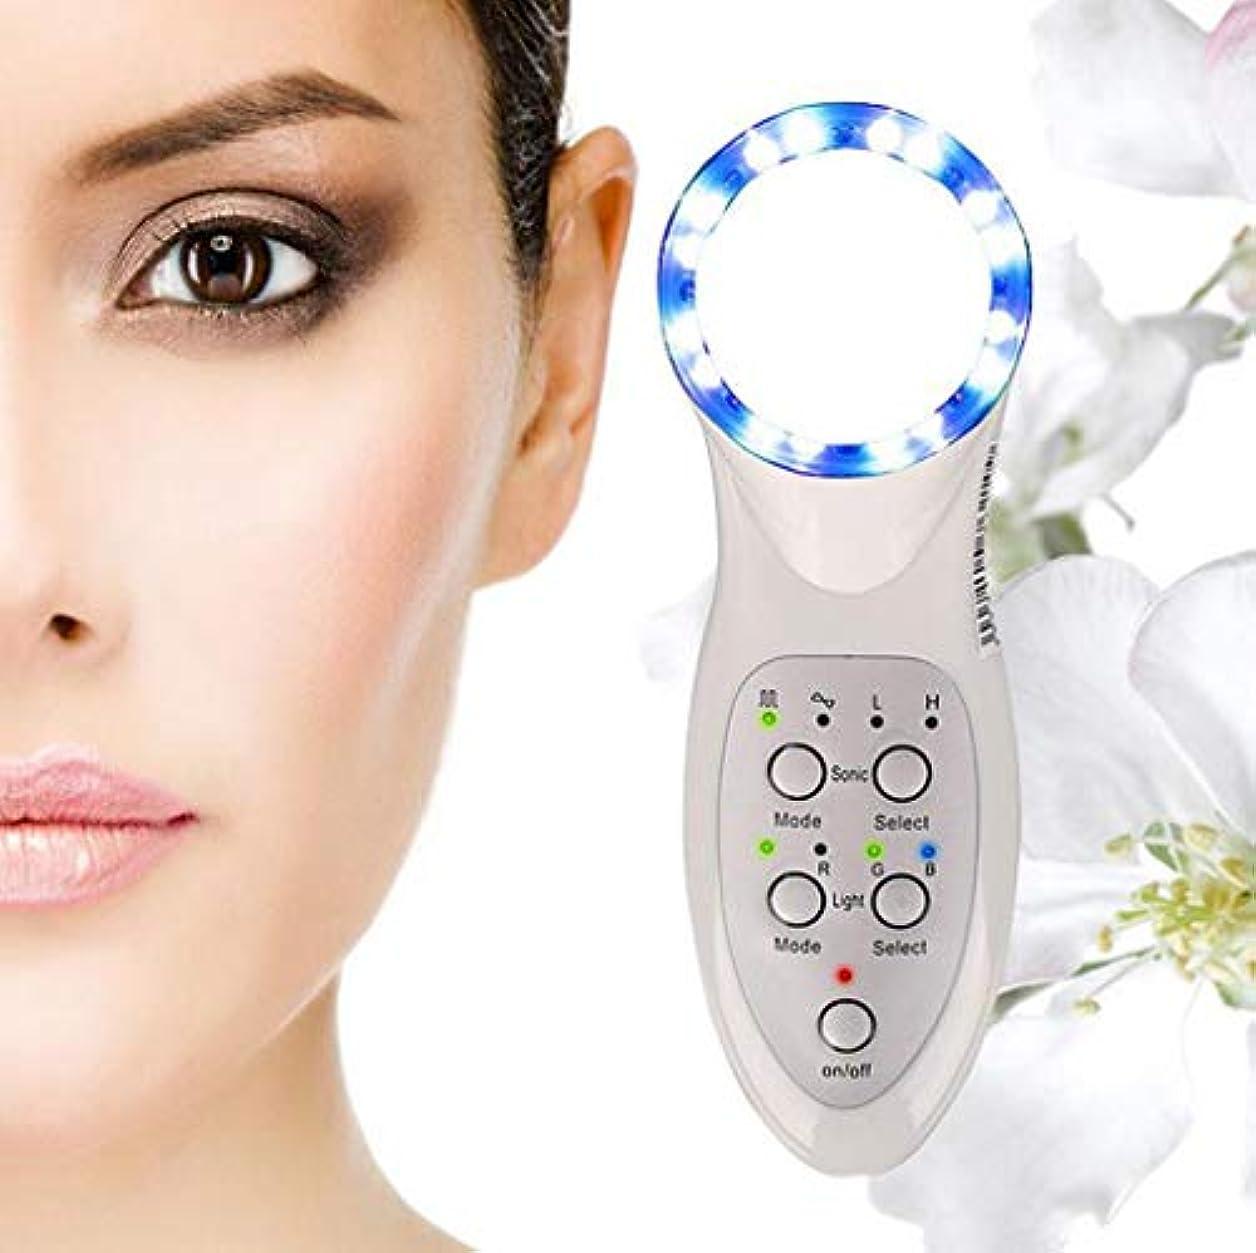 揃える適応なる美顔術のマッサージャー、7つのLEDライトスキンケアのしわの除去剤のマッサージャーの栄養素の液体の紹介者世帯の美の心配装置